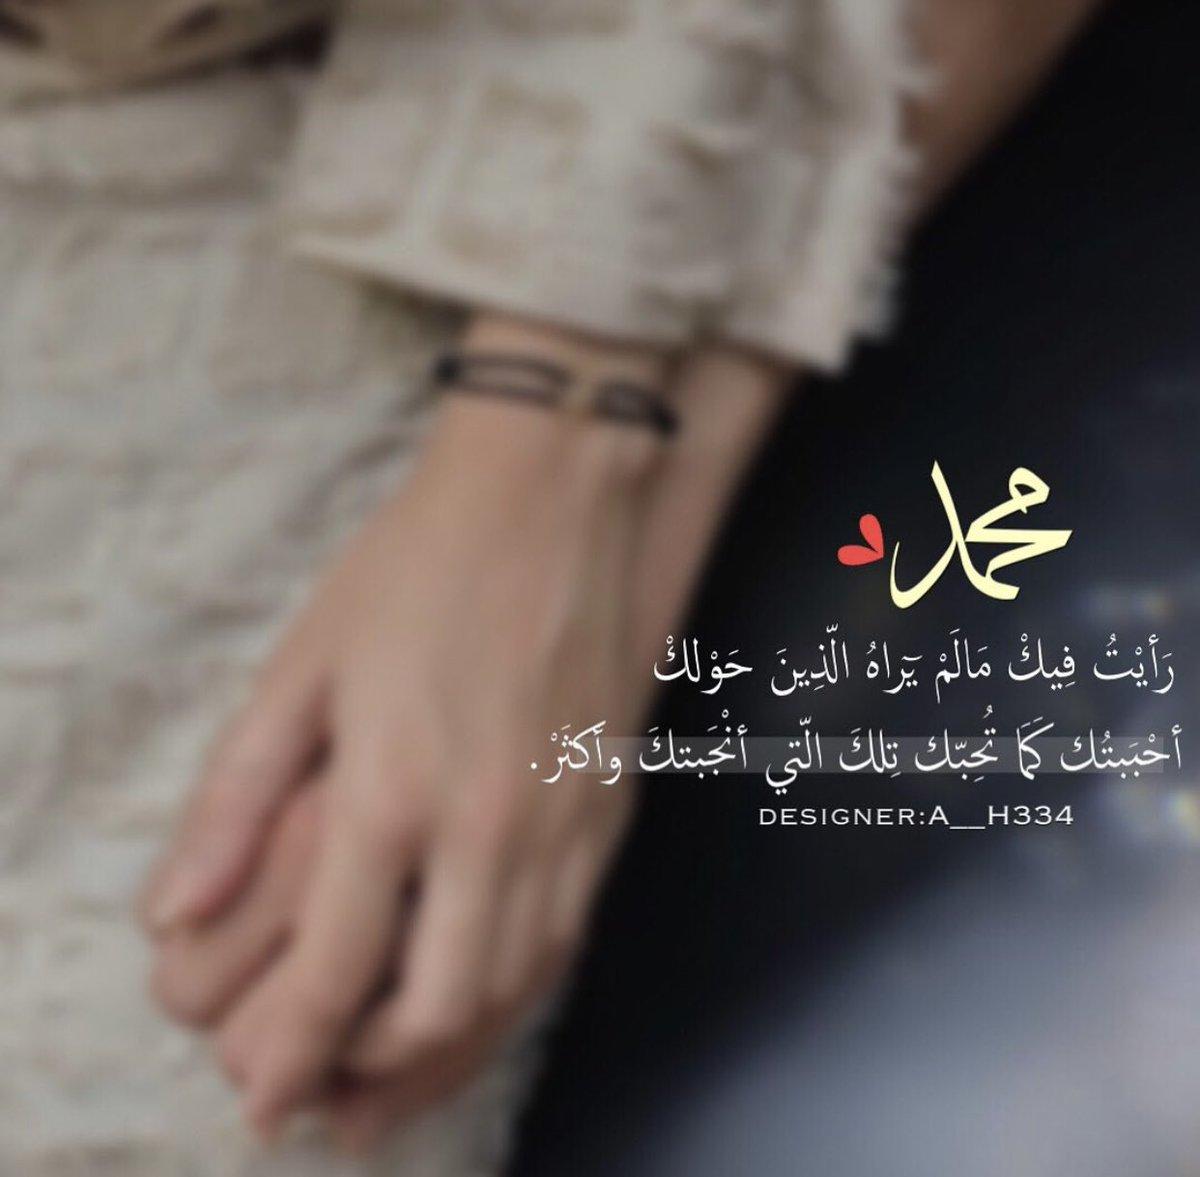 ش ــهد إبراهـيم 𖤐 Shahidmadkli Twitter